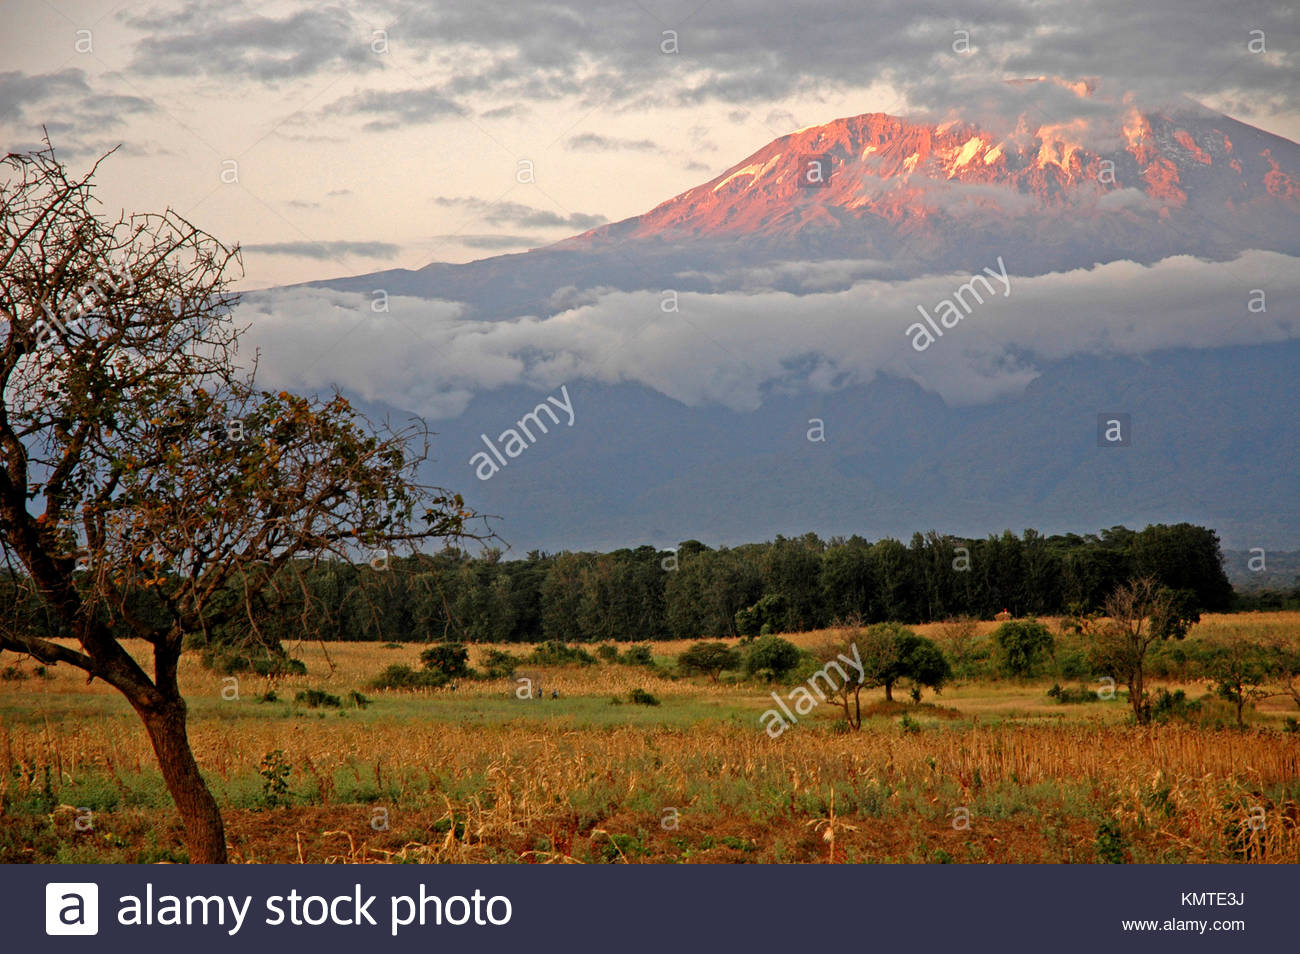 Sunset landscape with trees and Mount Kilimanjaro, Amboseli National Park, Kenya - Stock Image